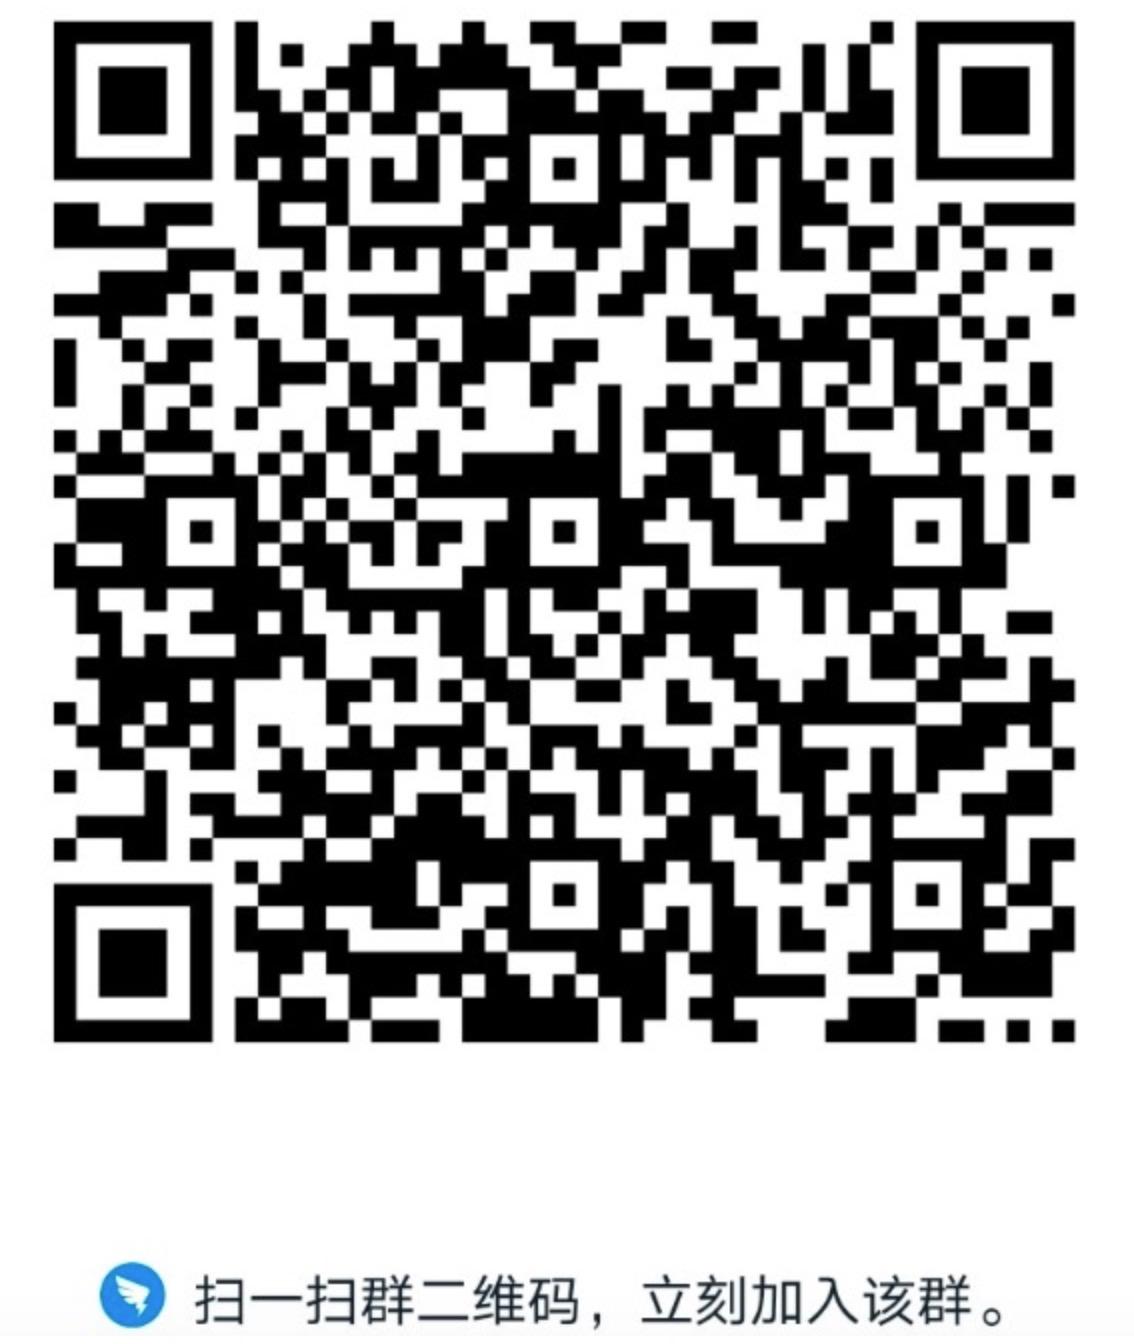 9361c05cfdb8414788b7d379ca8afee9.png